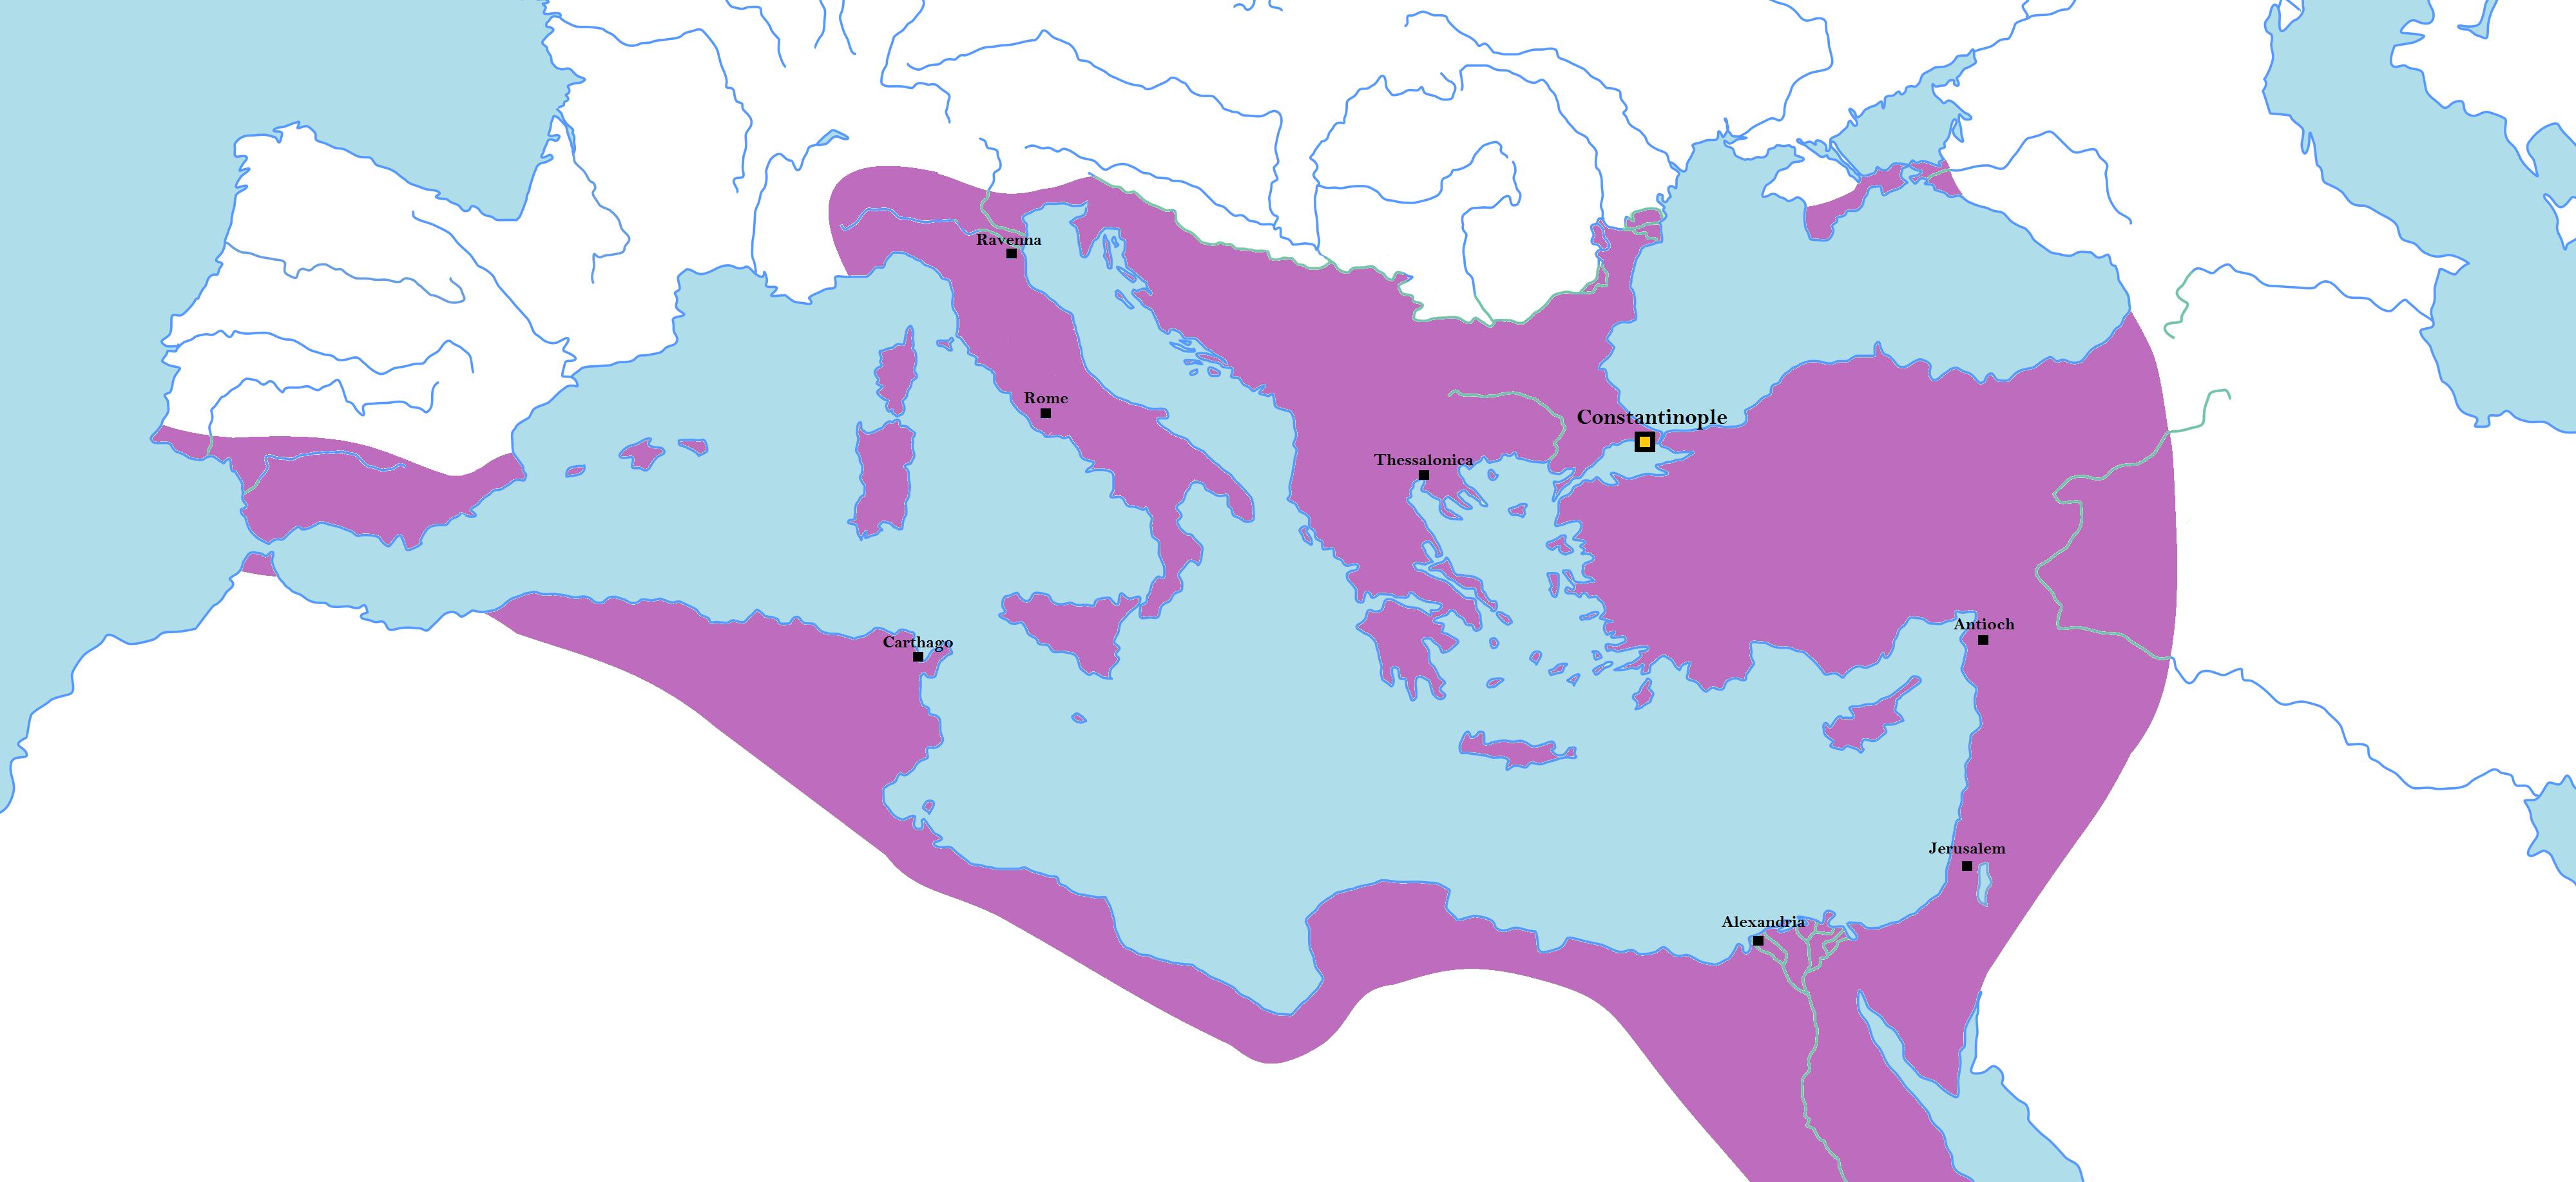 Территория Византии на пике могущества (6 в. н.э.)